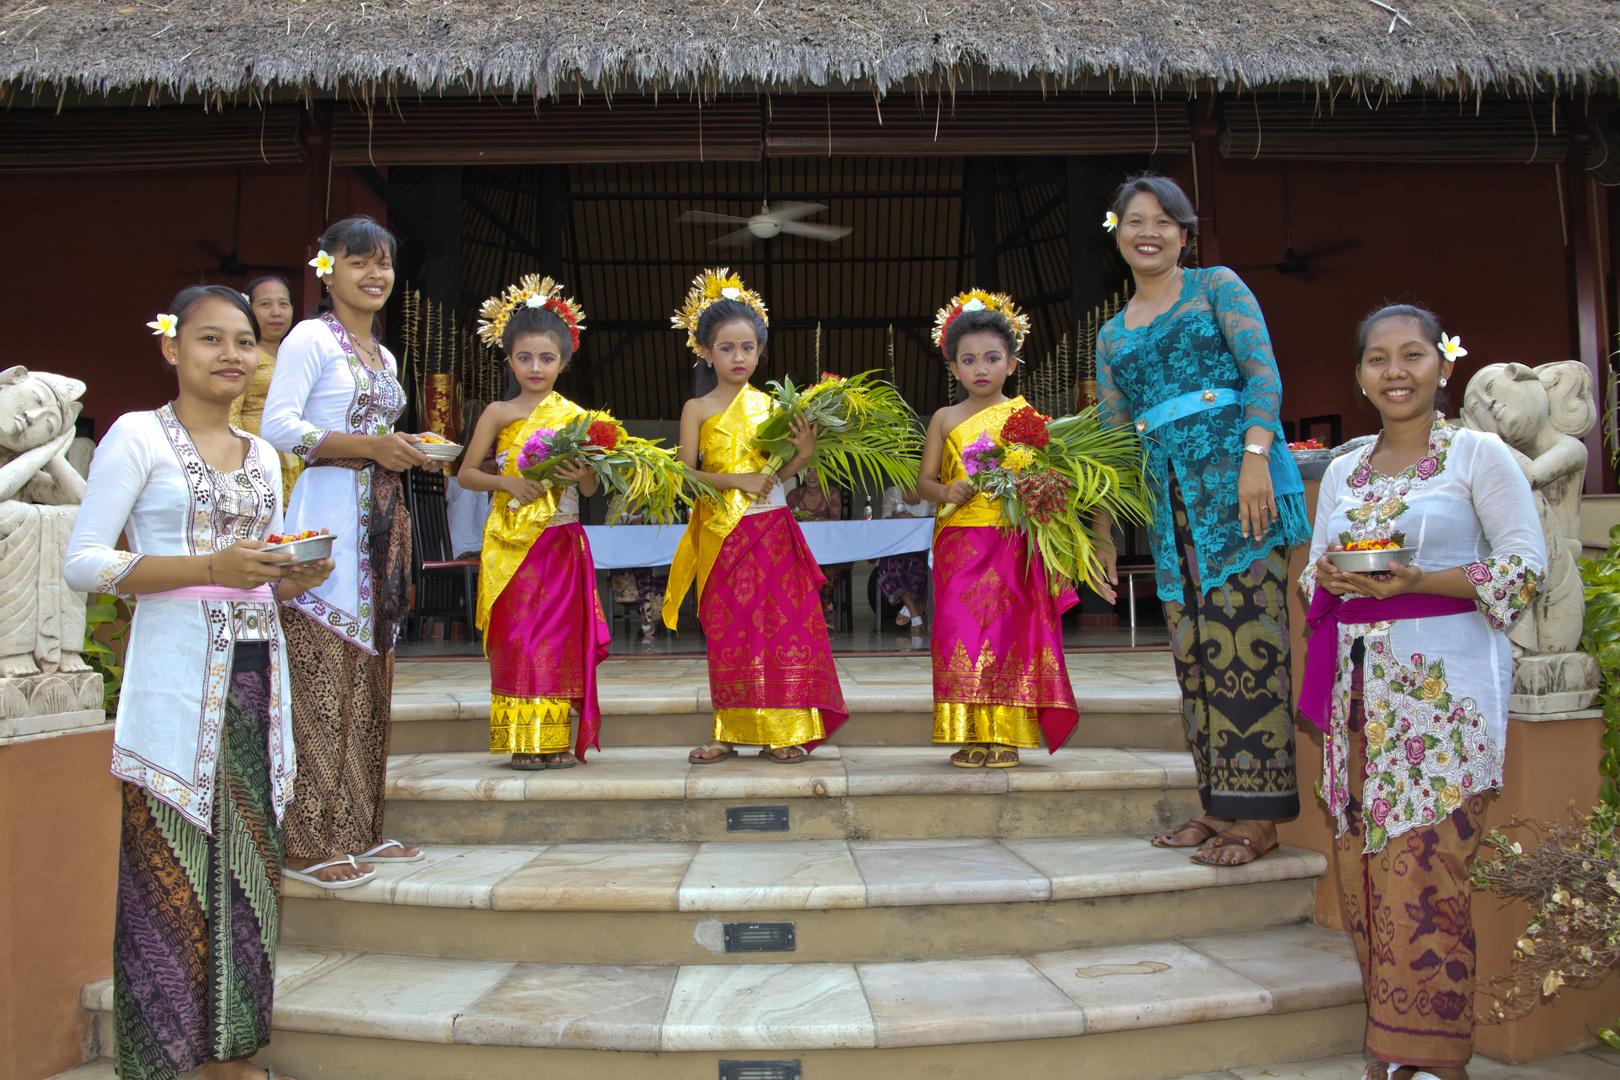 Balinesische Hochzeitszeremonie (1)